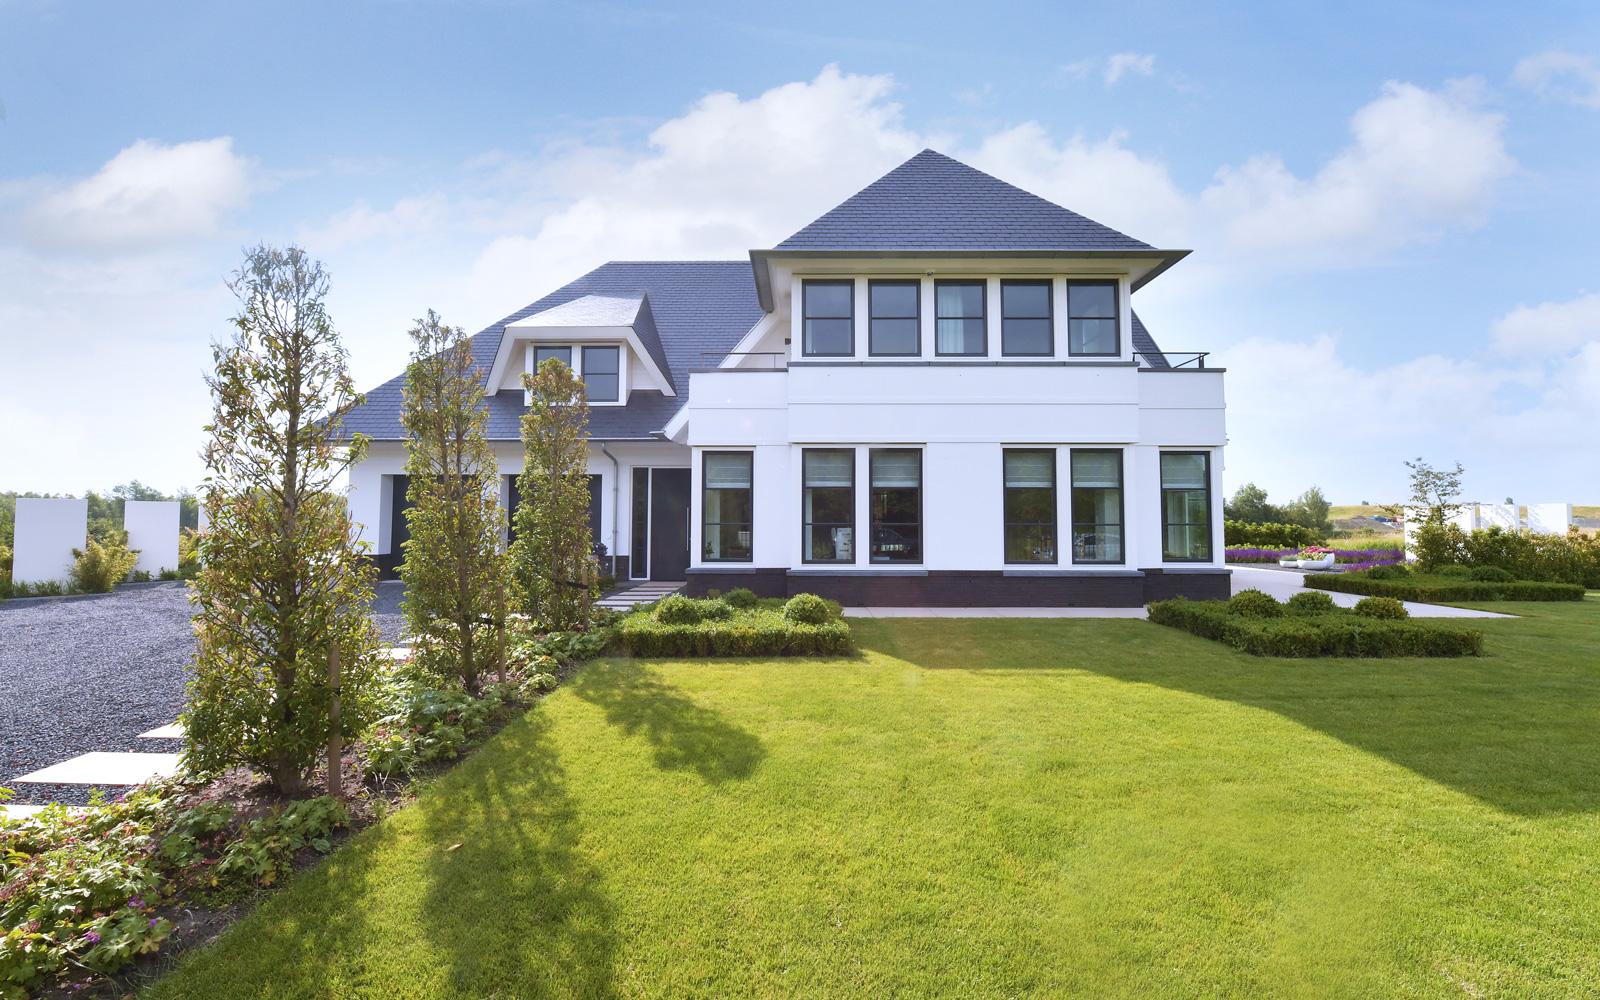 Van Egmond was de architect bij dit prachtige project.